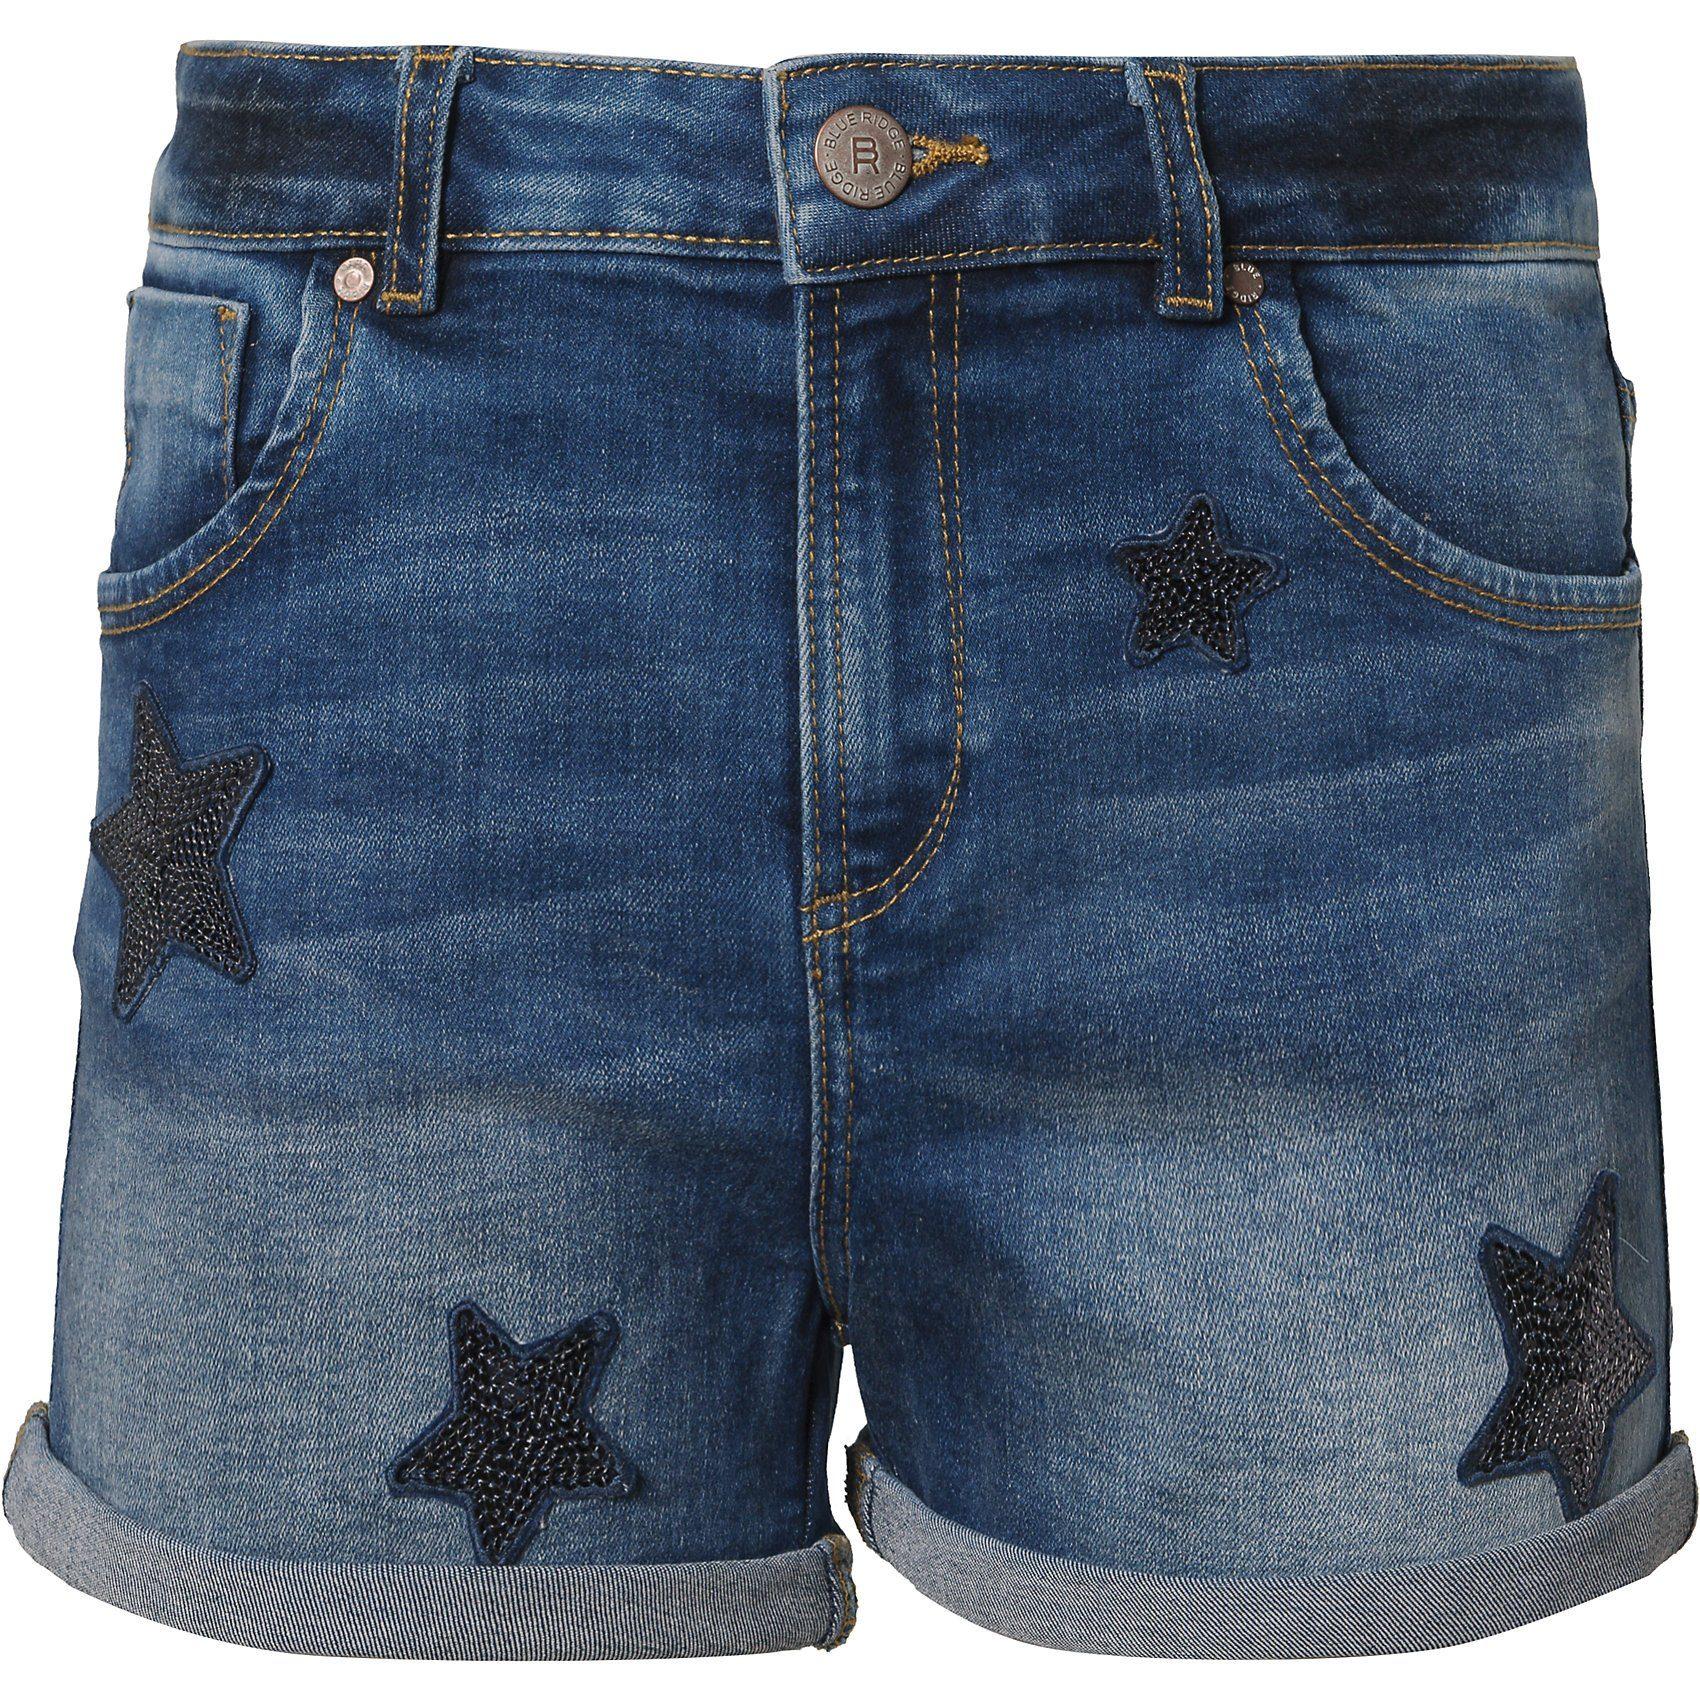 Damen,  Mädchen,  Kinder WE Fashion Jeansshorts PEGGY für Mädchen blau, gelb, rosa, schwarz   08719508444040